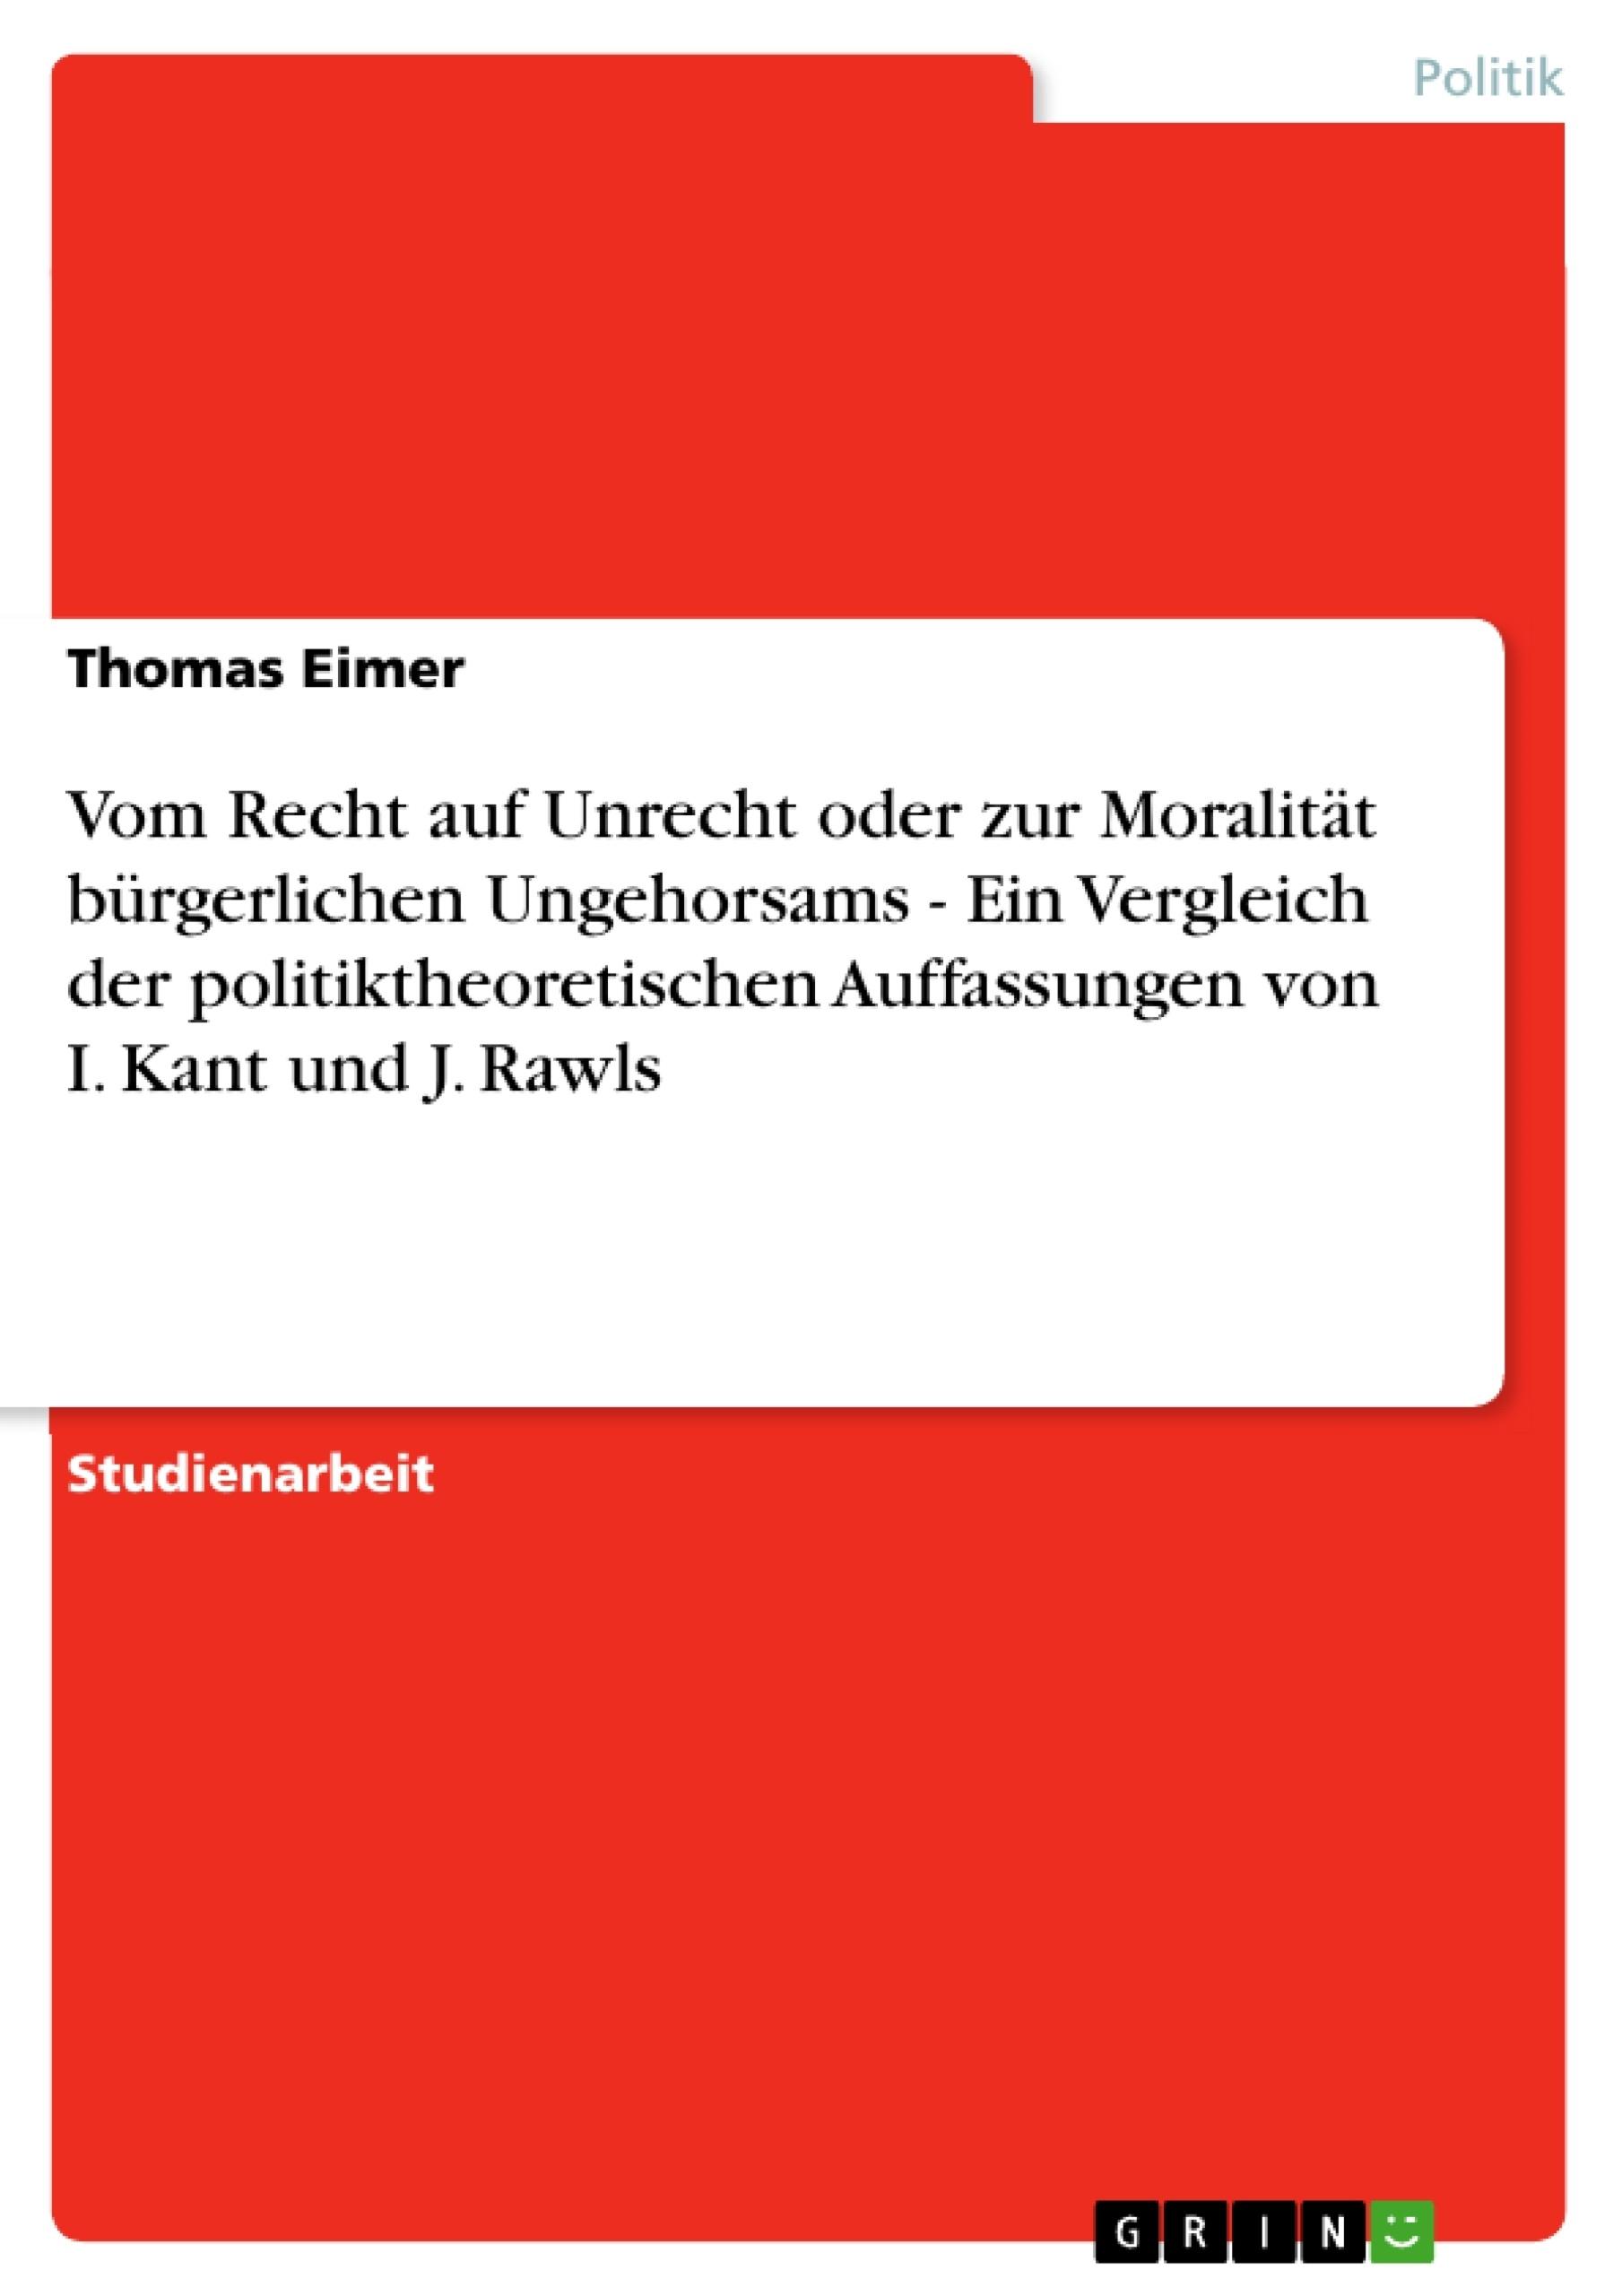 Titel: Vom Recht auf Unrecht oder zur Moralität bürgerlichen Ungehorsams - Ein Vergleich der politiktheoretischen Auffassungen von I. Kant und J. Rawls